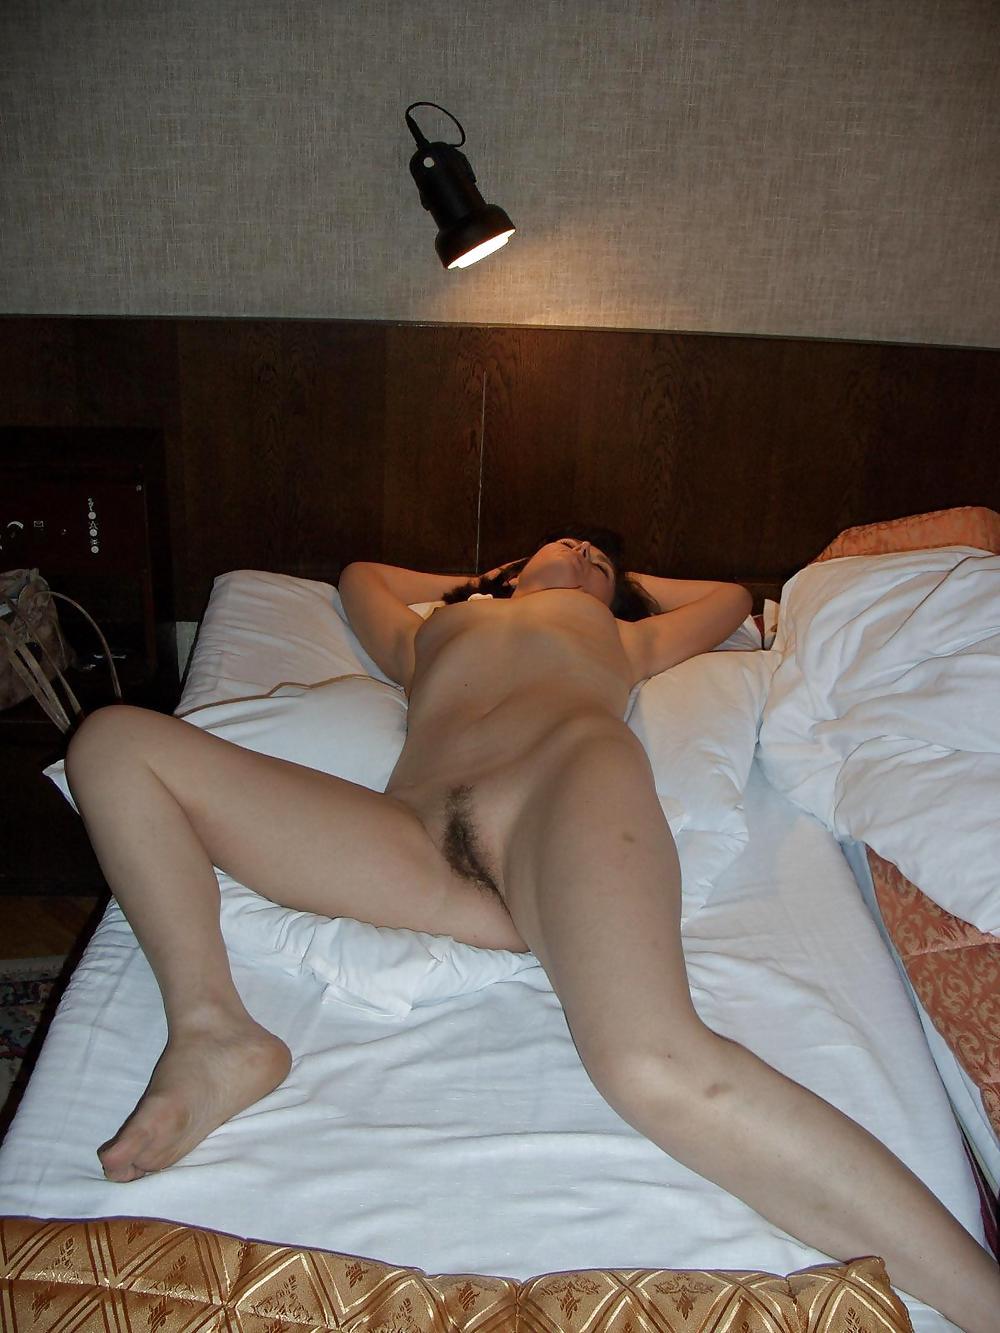 в гостинице с проституткой